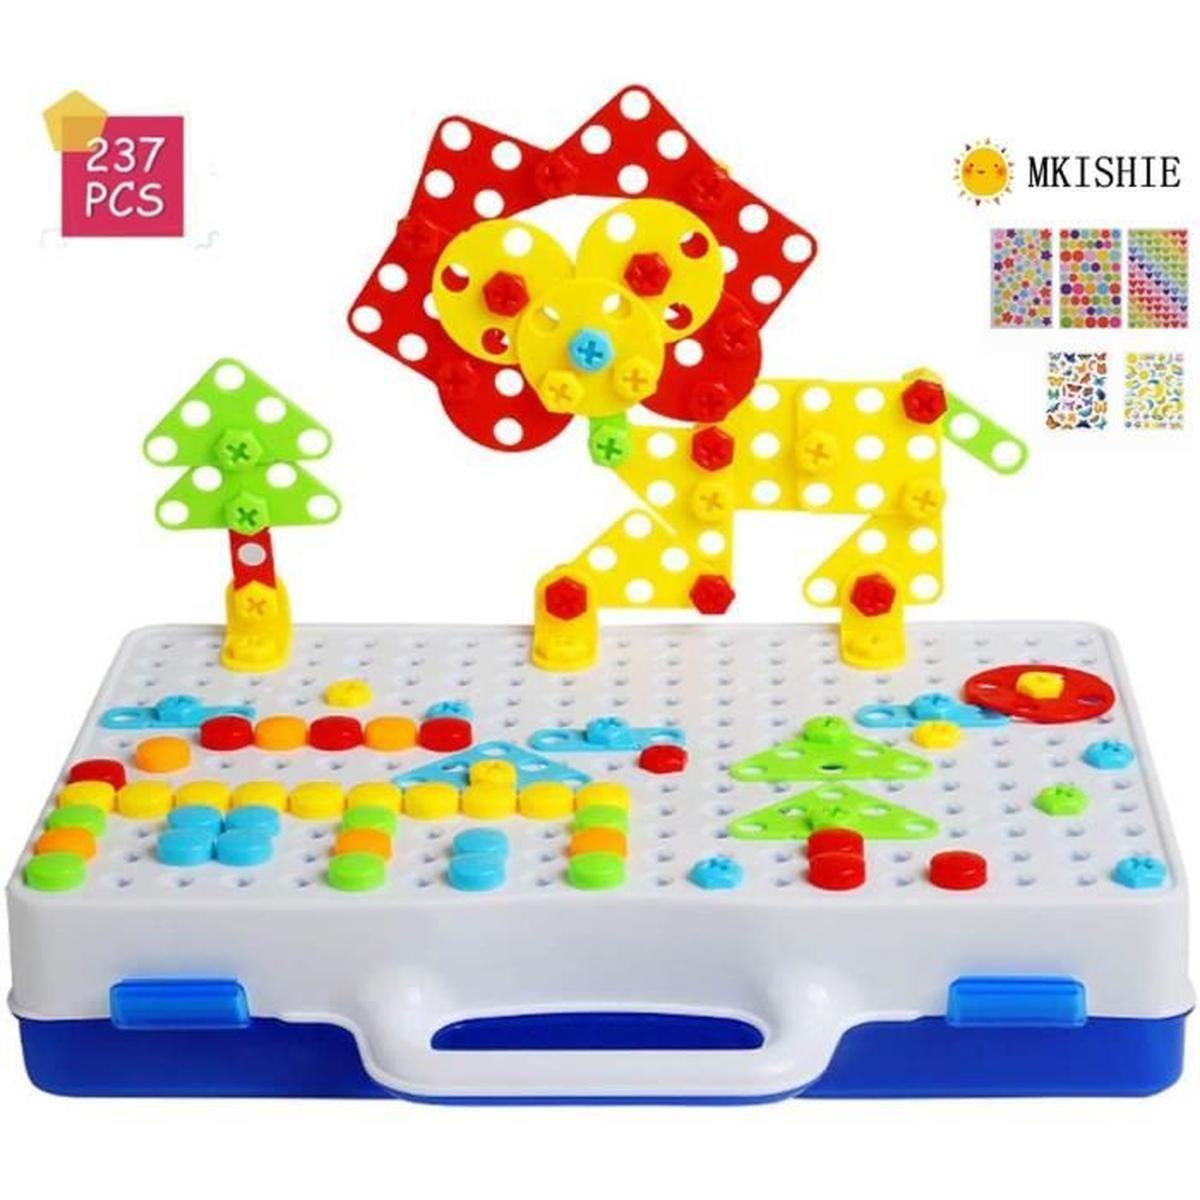 Mosaique Enfant Puzzle 3D Construction Enfant Jeu Montessori encequiconcerne Jeux Garcon 5 Ans